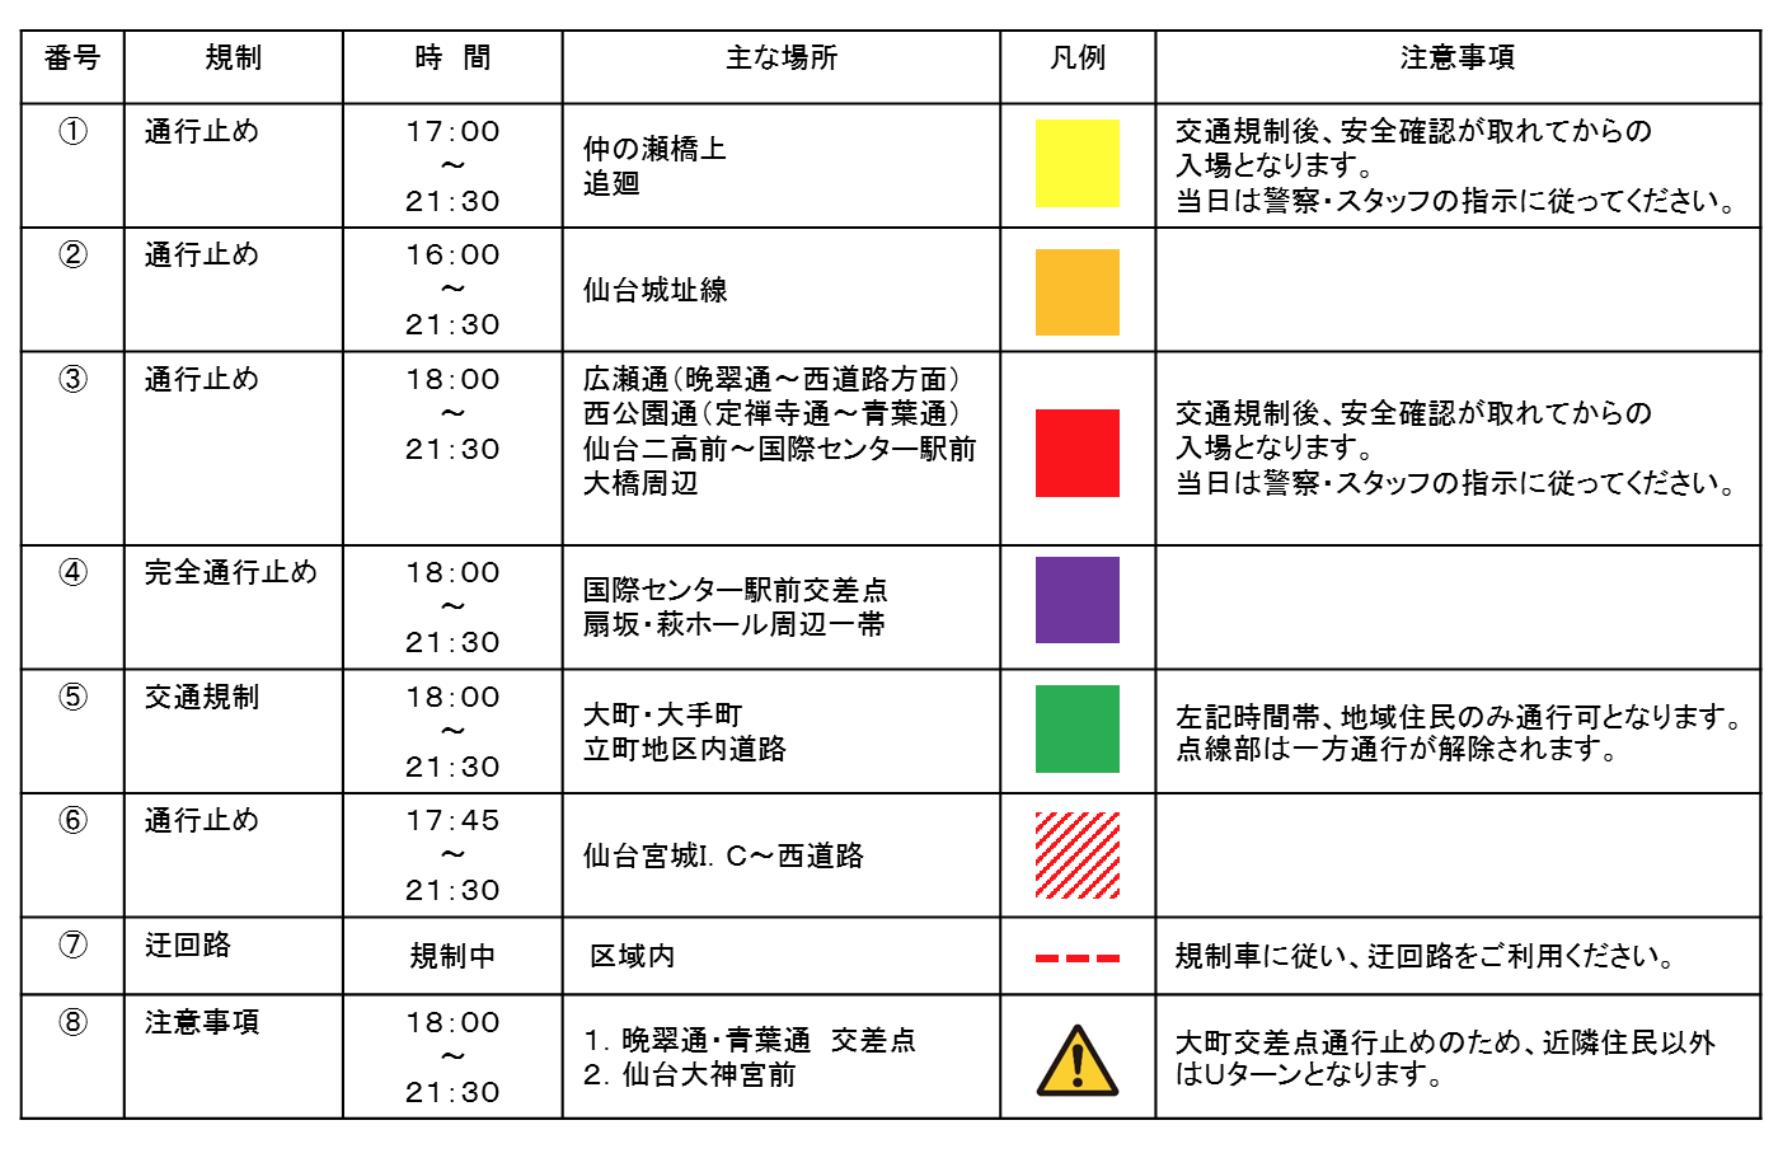 仙台七夕花火祭2019交通規制2